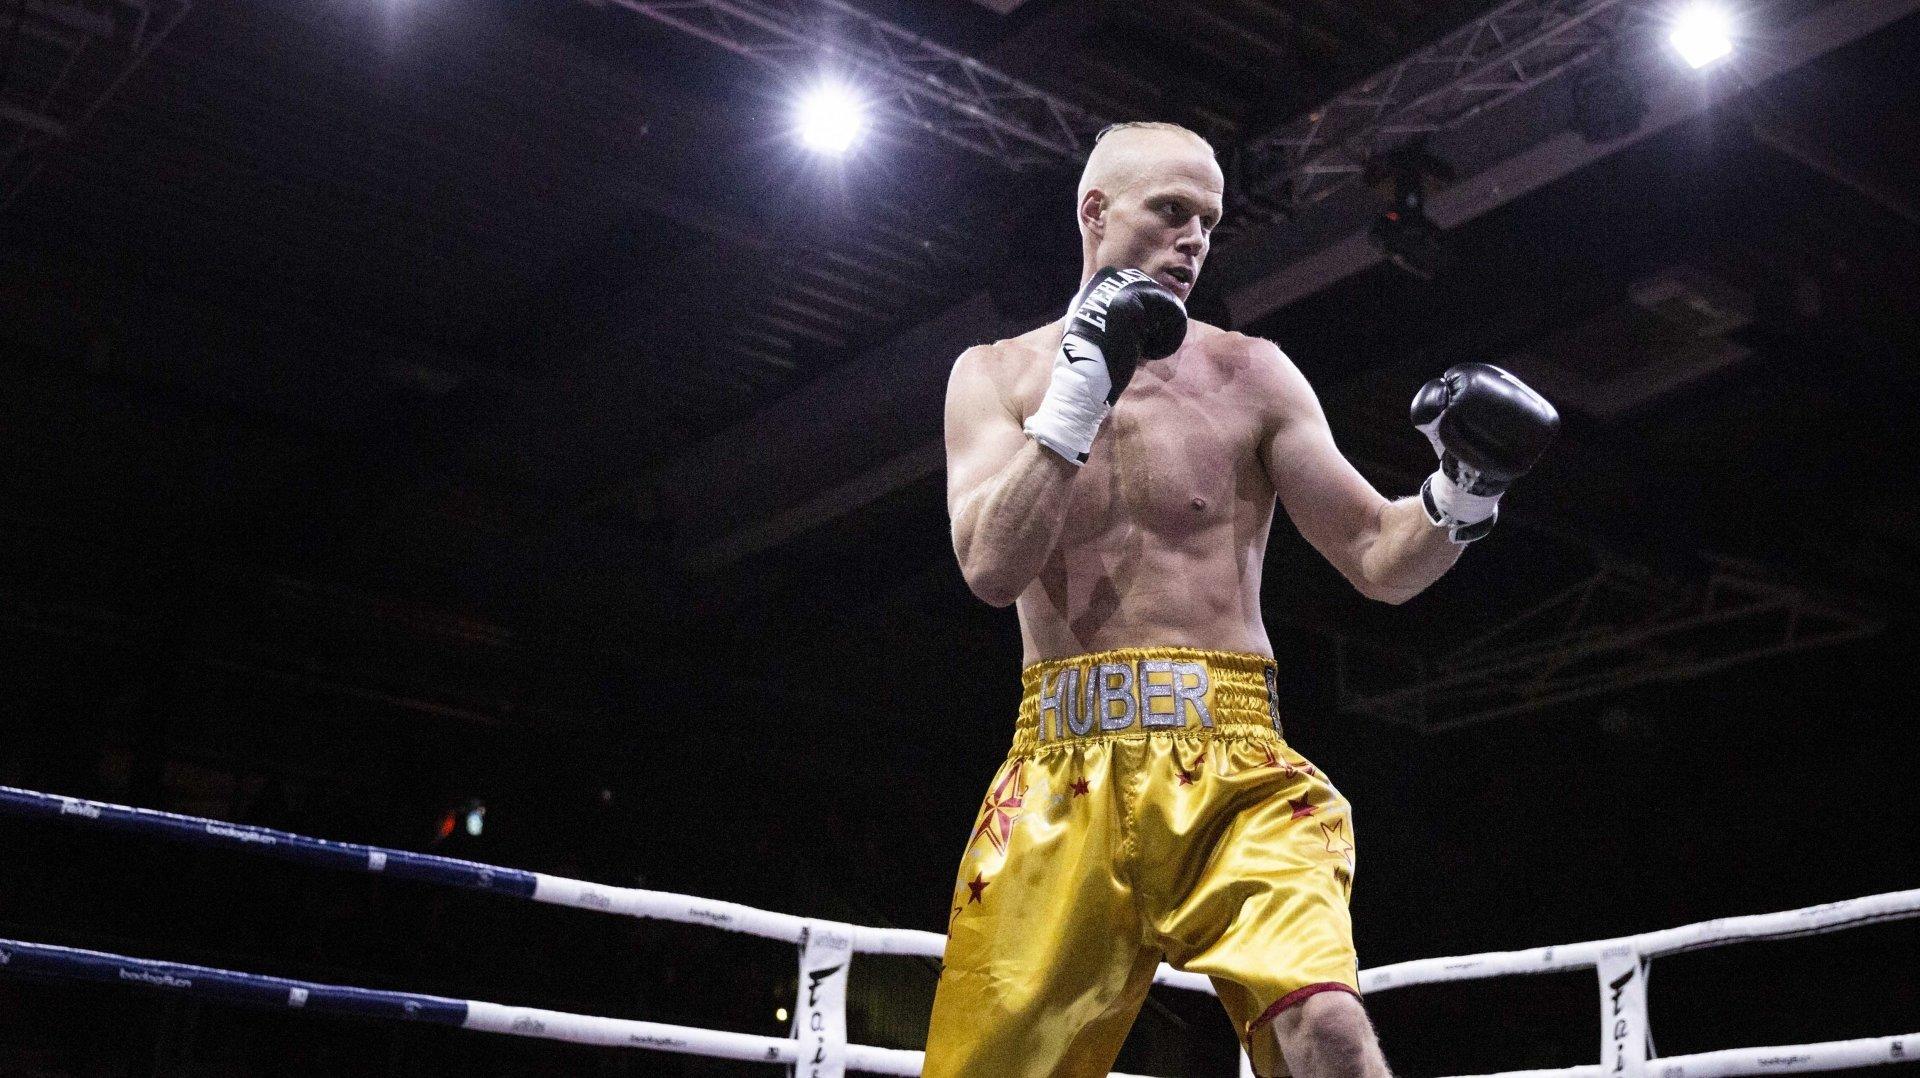 Benoît Huber n'est plus monté sur le ring depuis décembre 2019.